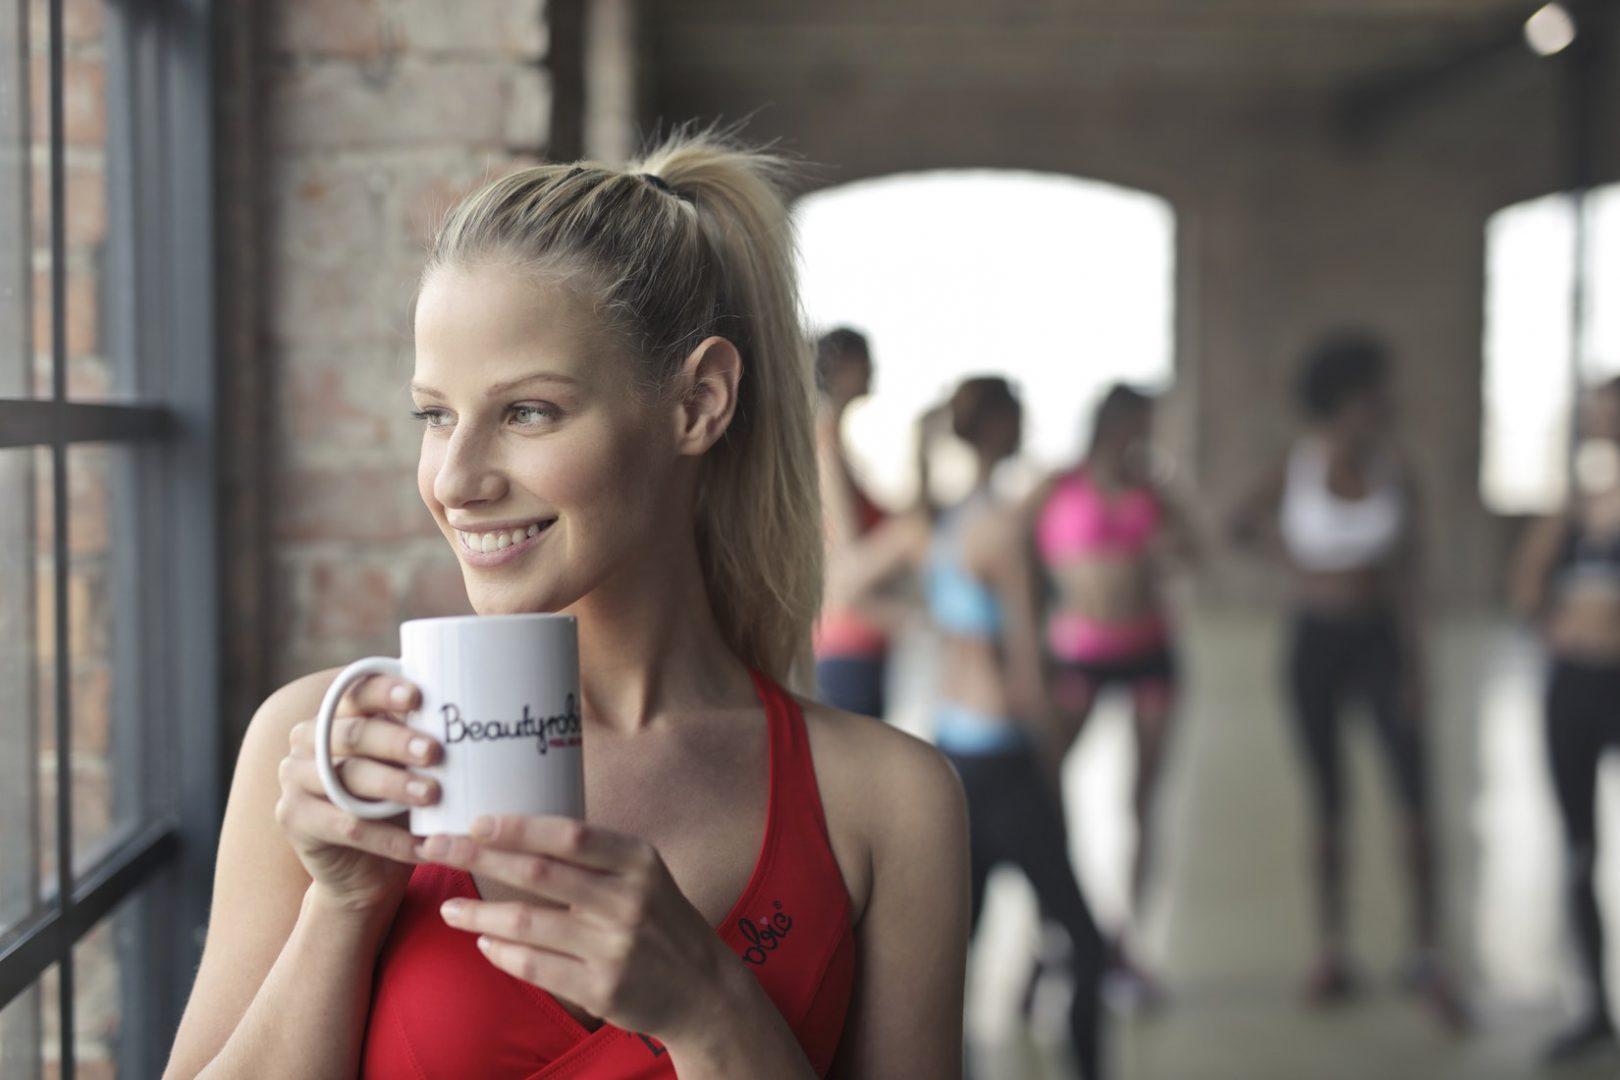 Eine Frau in einem rotem Sport Oberteil mit einer Kaffeetasse in der Hand